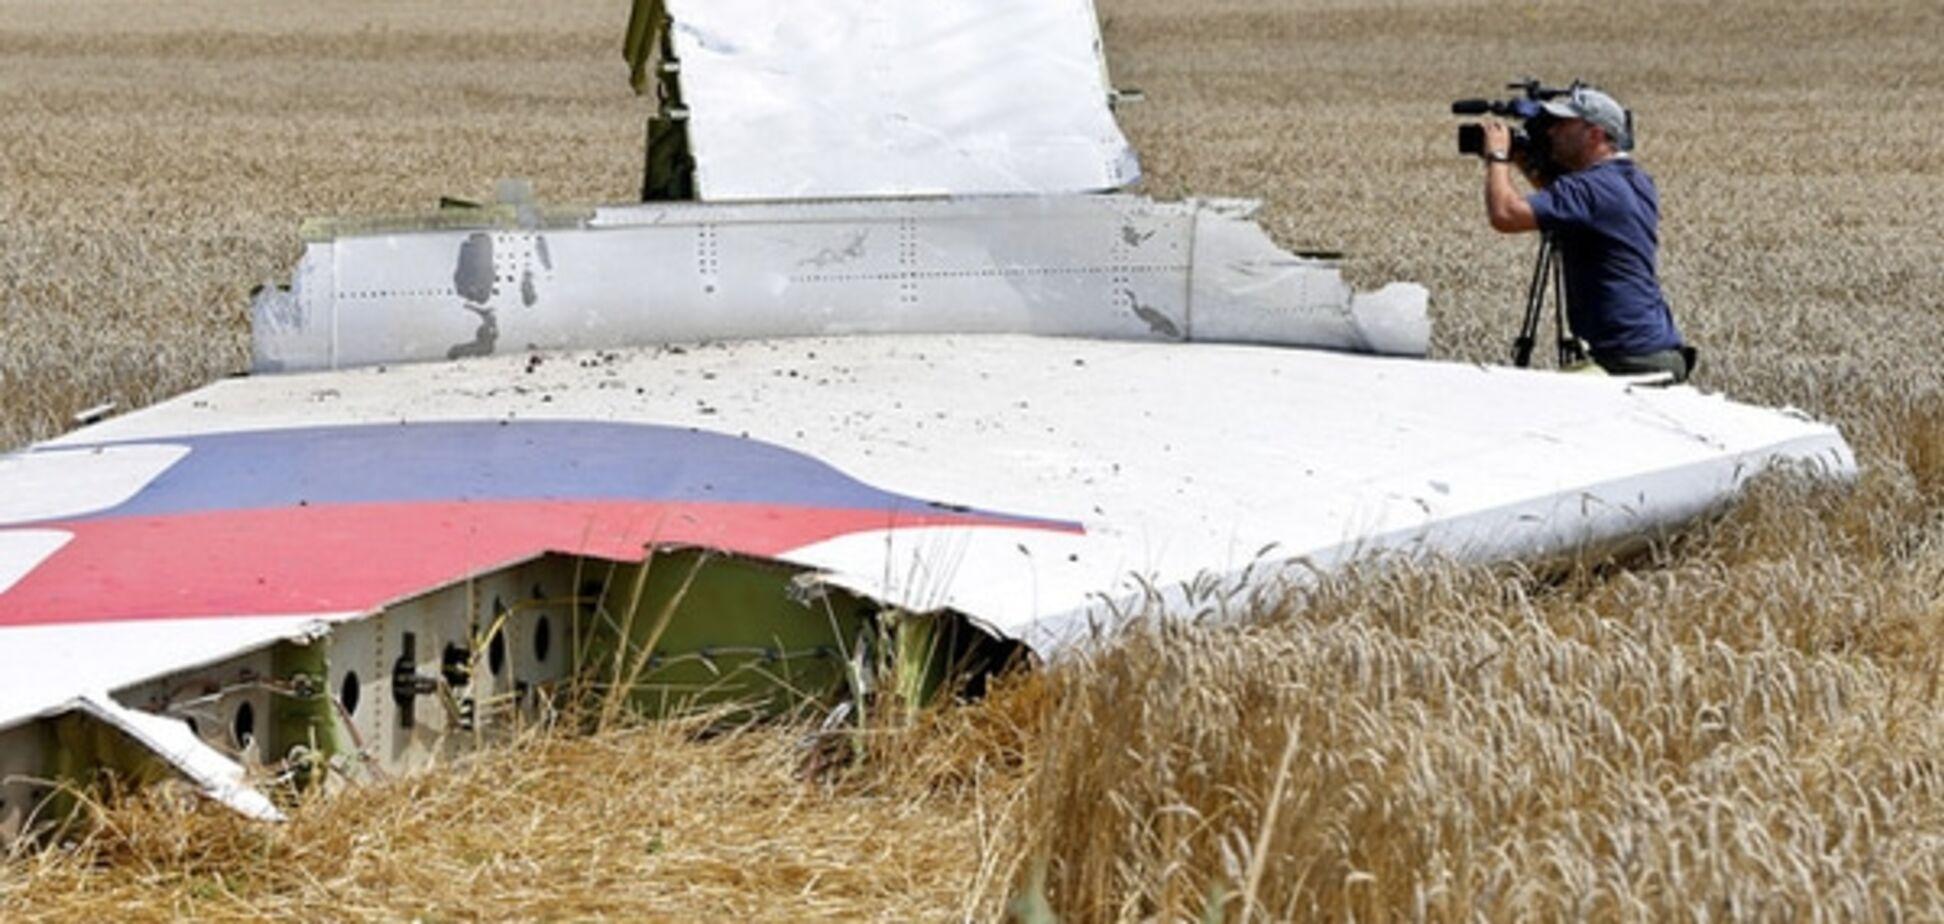 ЗМІ дізналися остаточні результати міжнародного розслідування аварії Boeing